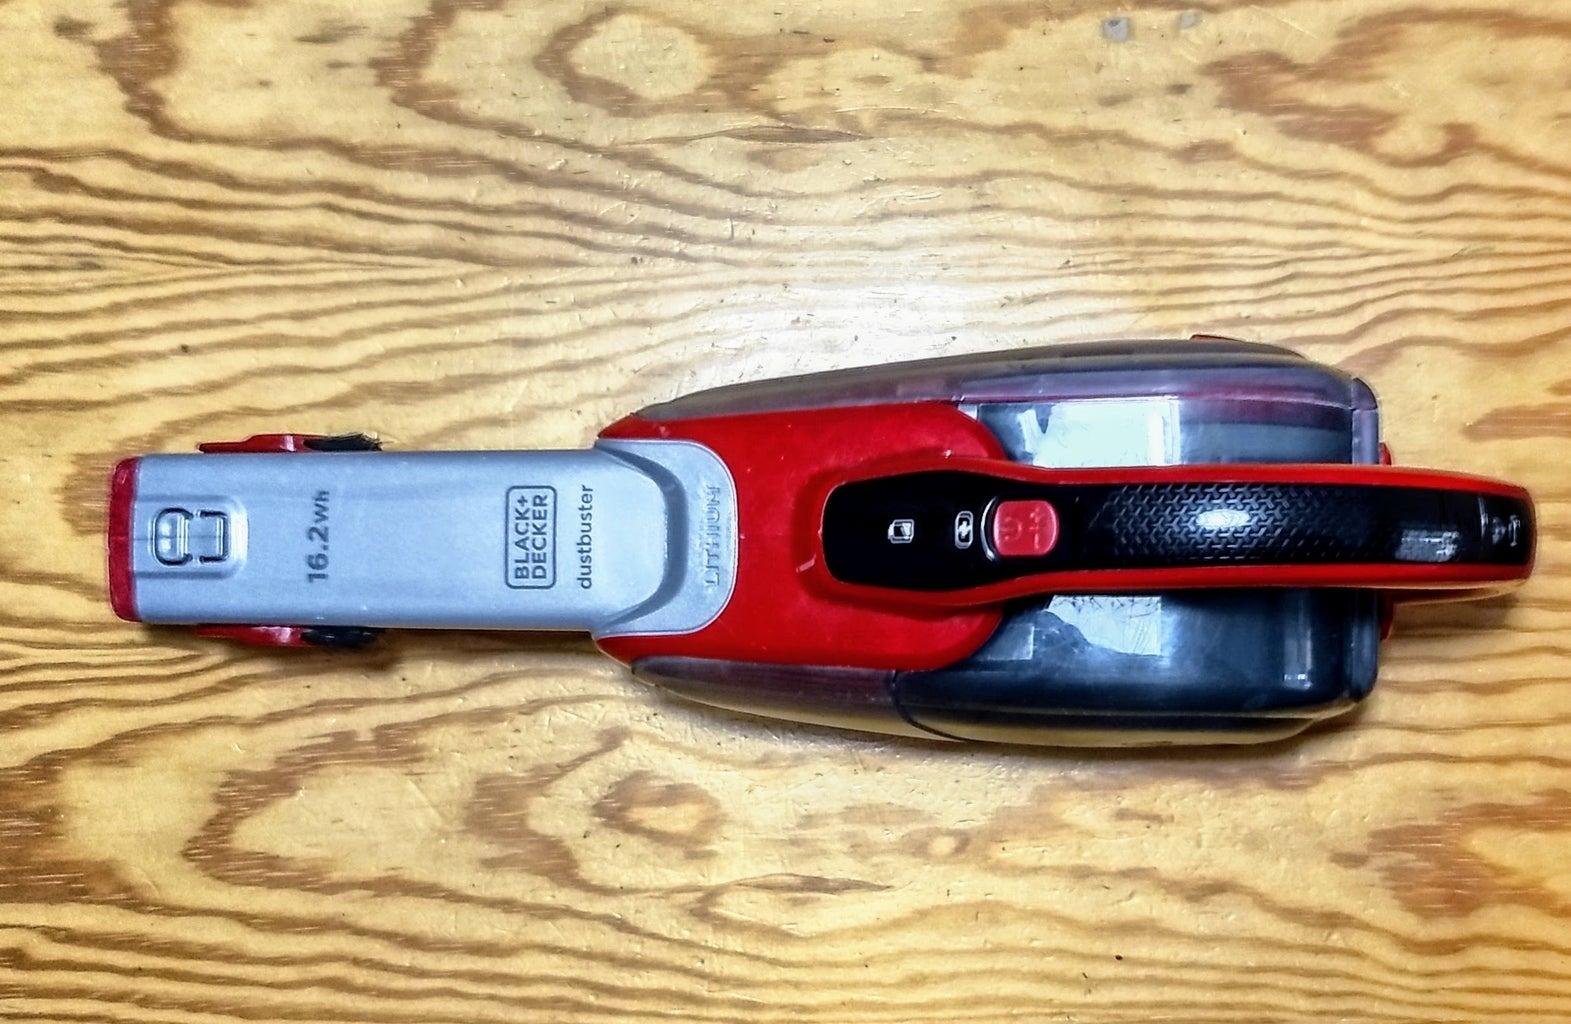 Portable Black+Decker Vacuum Cleaner Fix - Aspirador De Mano Dustbuster Litio 16.2Wh Con Acción Ciclónica. Modelo DVJ315J